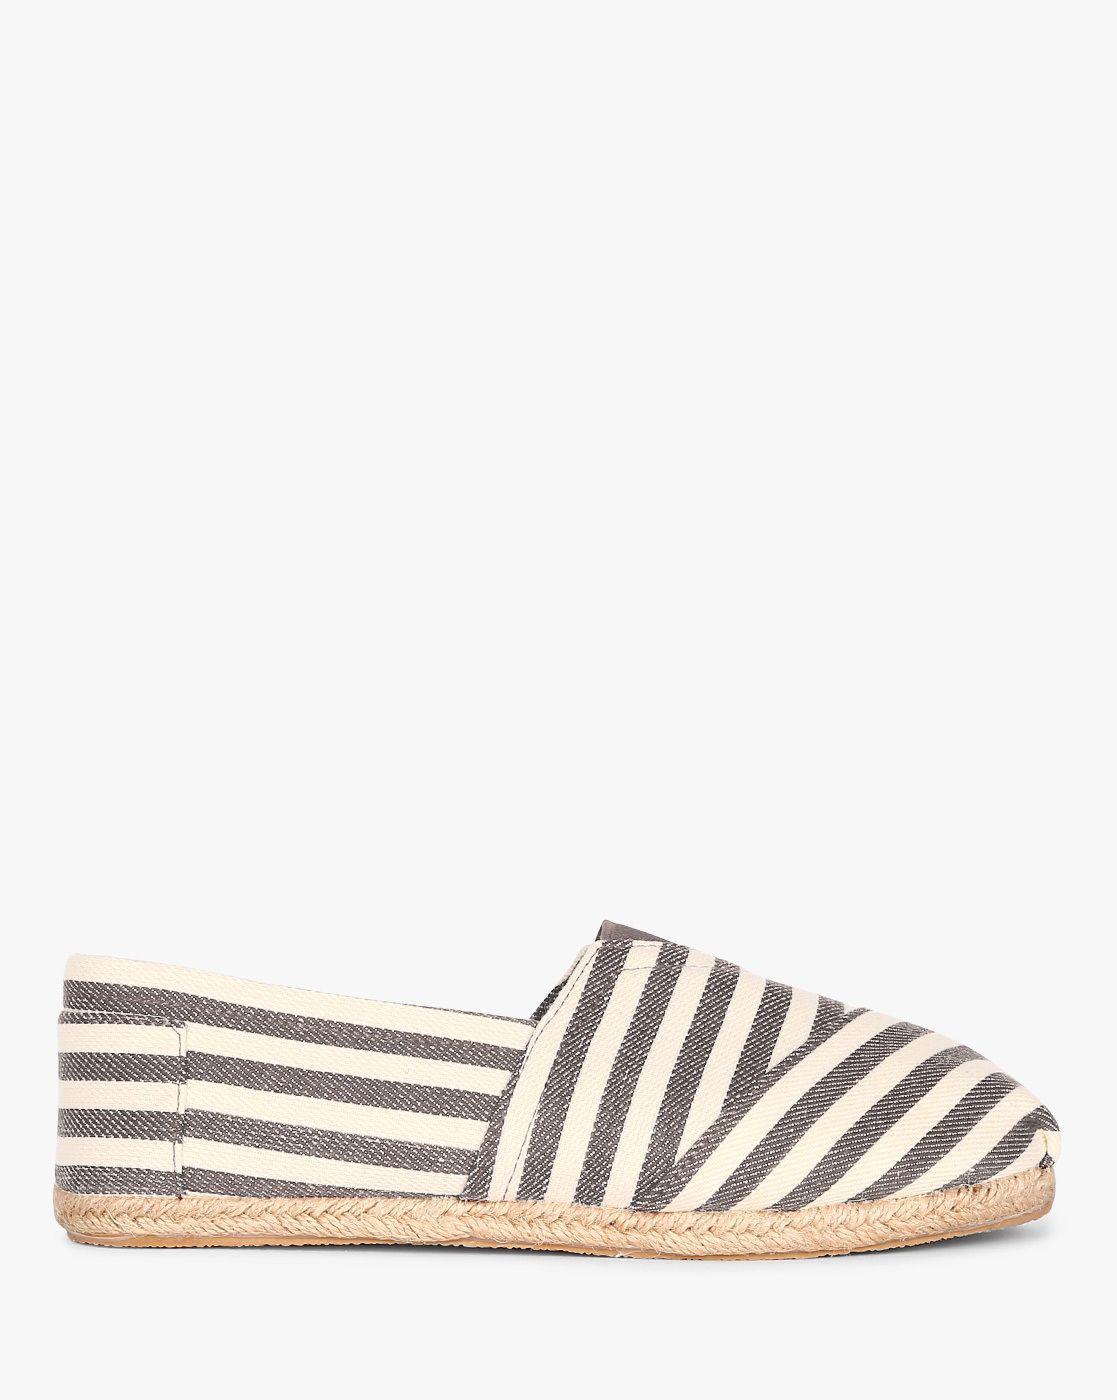 Buy AJIO Women Grey \u0026 Off-White Striped